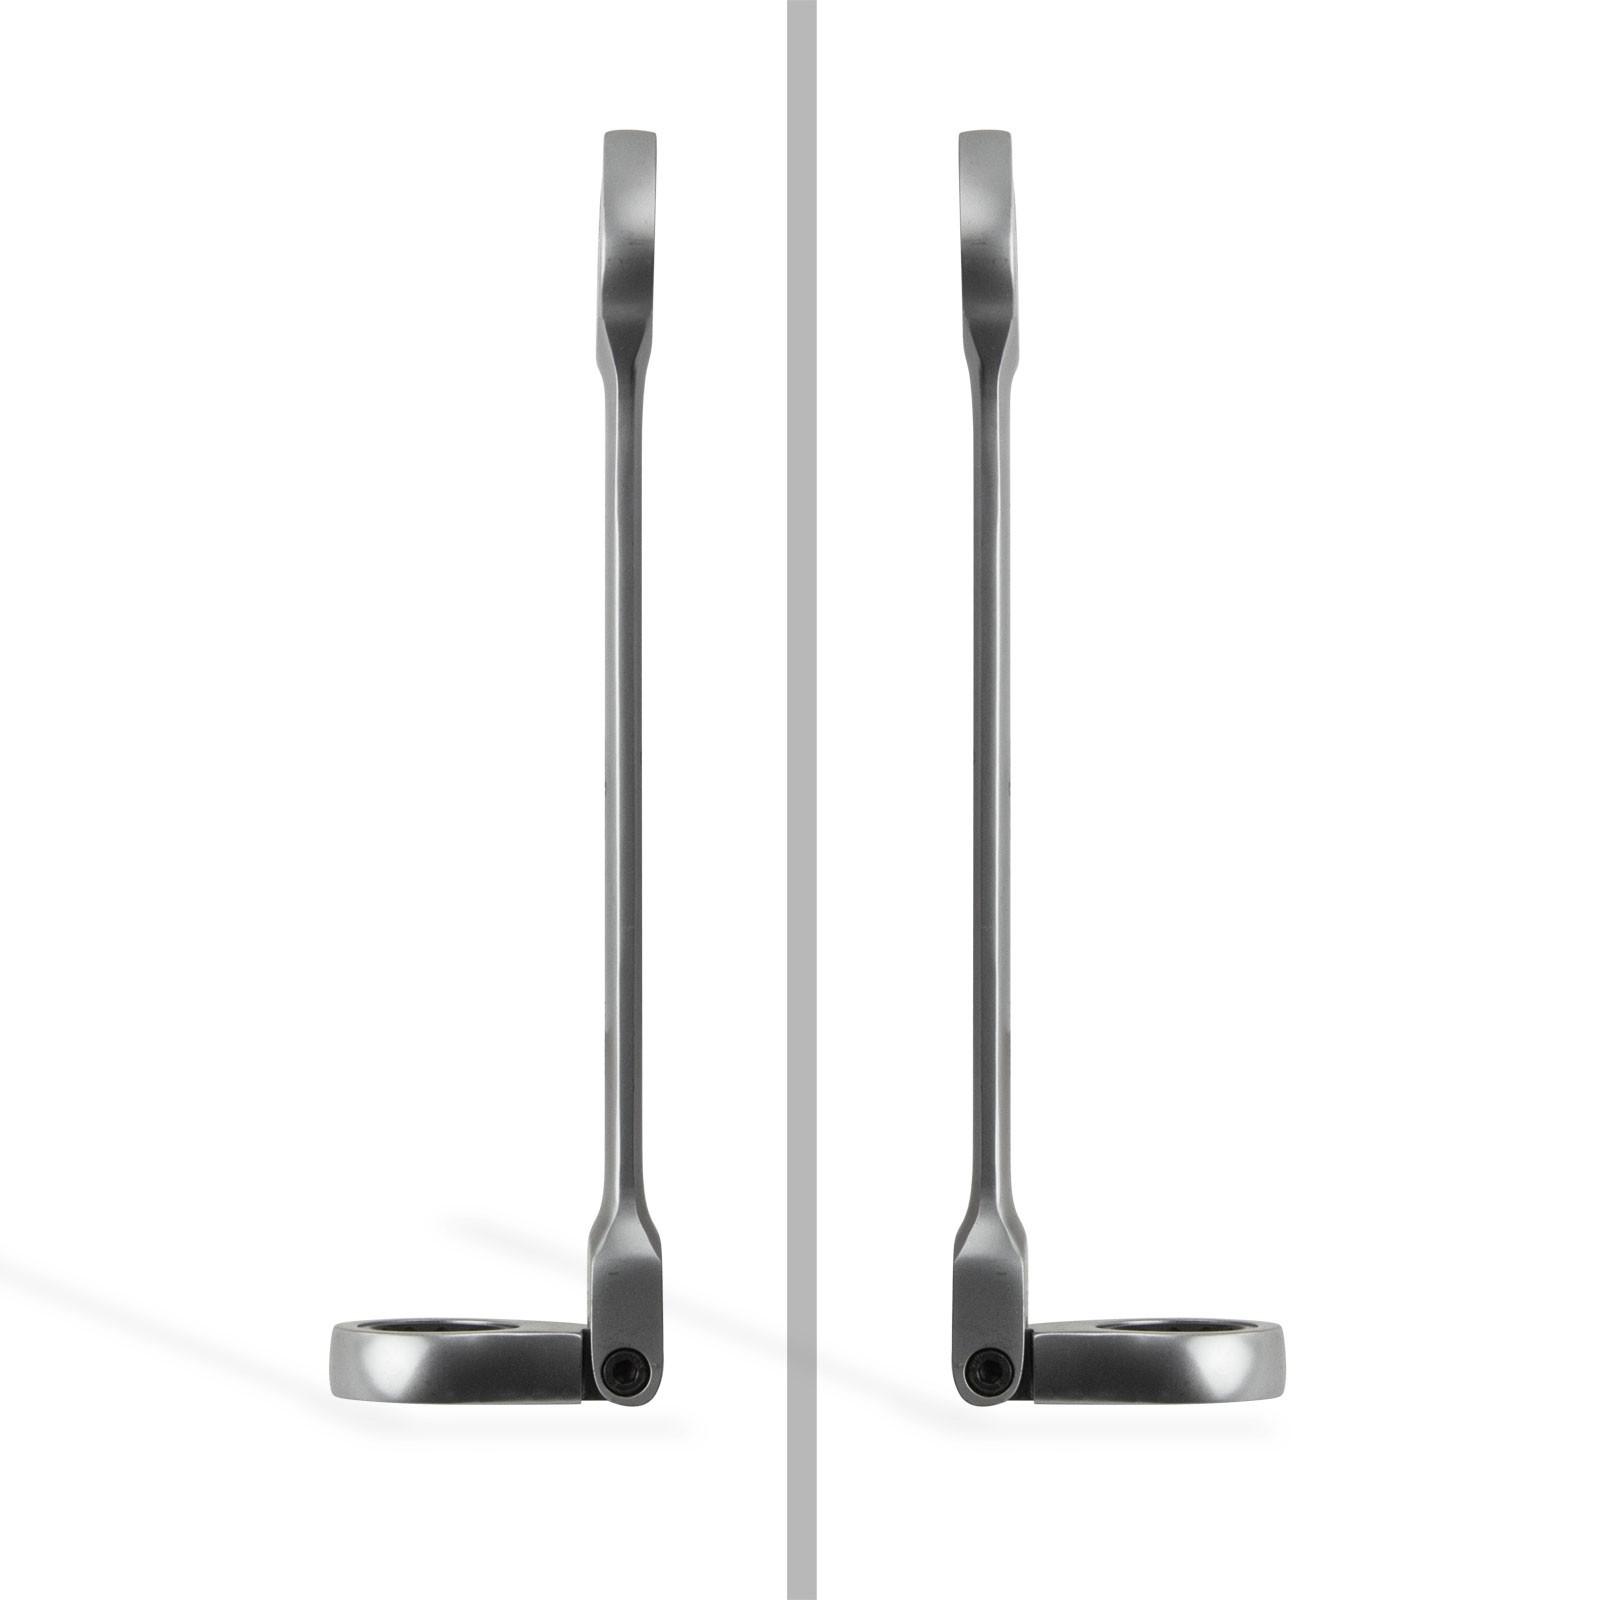 Dema Gelenk- Ratschenringschlüssel / Maul-Ratschenschlüssel 8 mm 21854